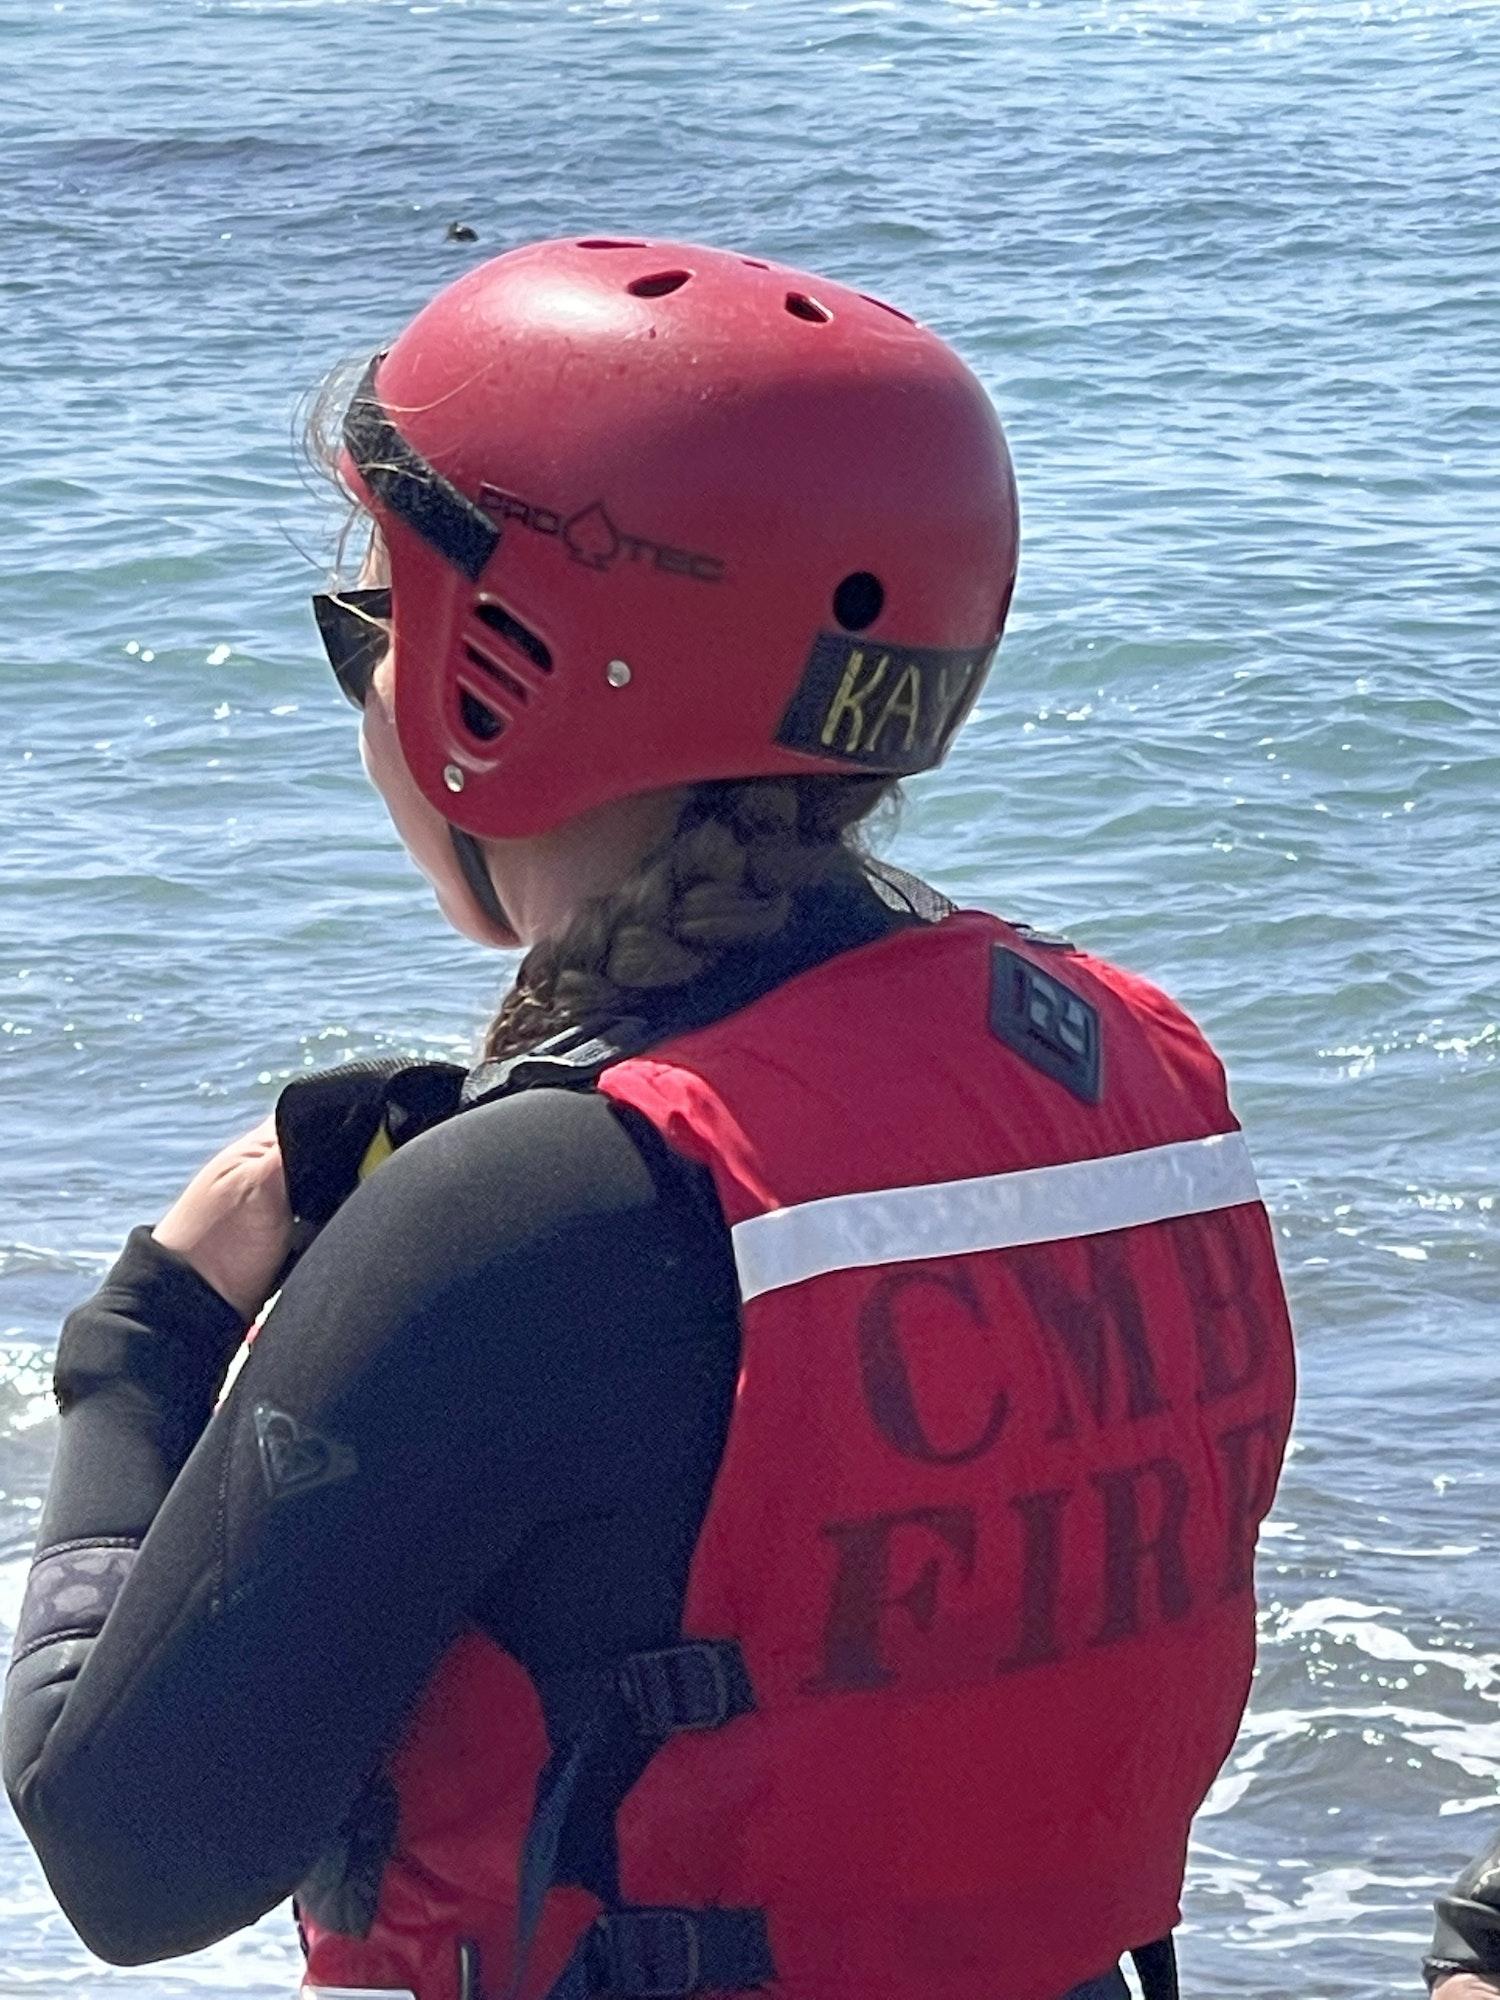 May contain: clothing, apparel, helmet, lifejacket, vest, person, human, and crash helmet